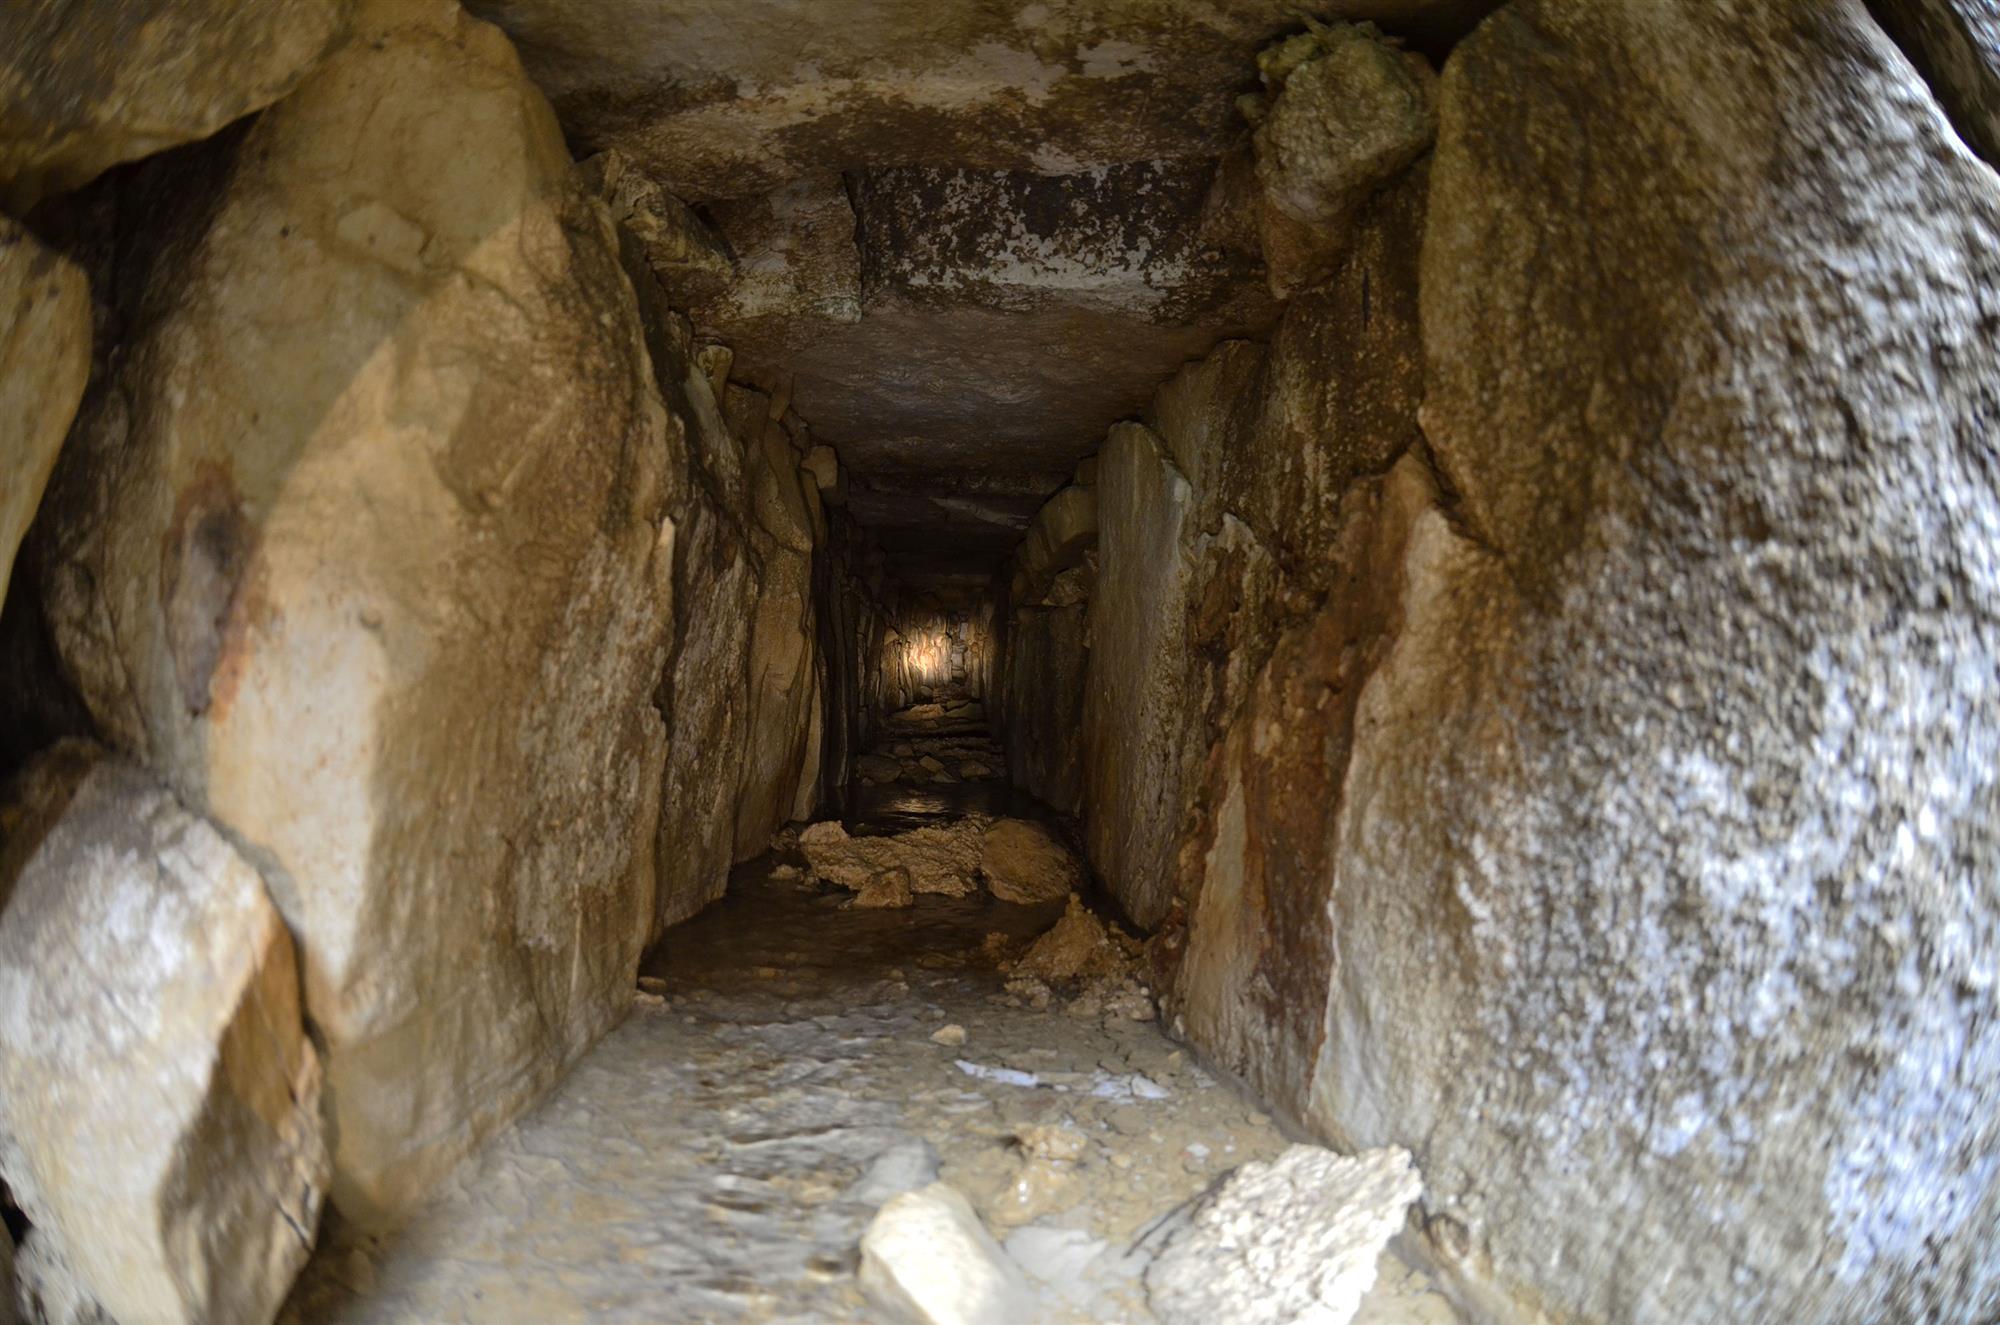 Túneles de la época maya en el Templo de las Inscripciones (México)